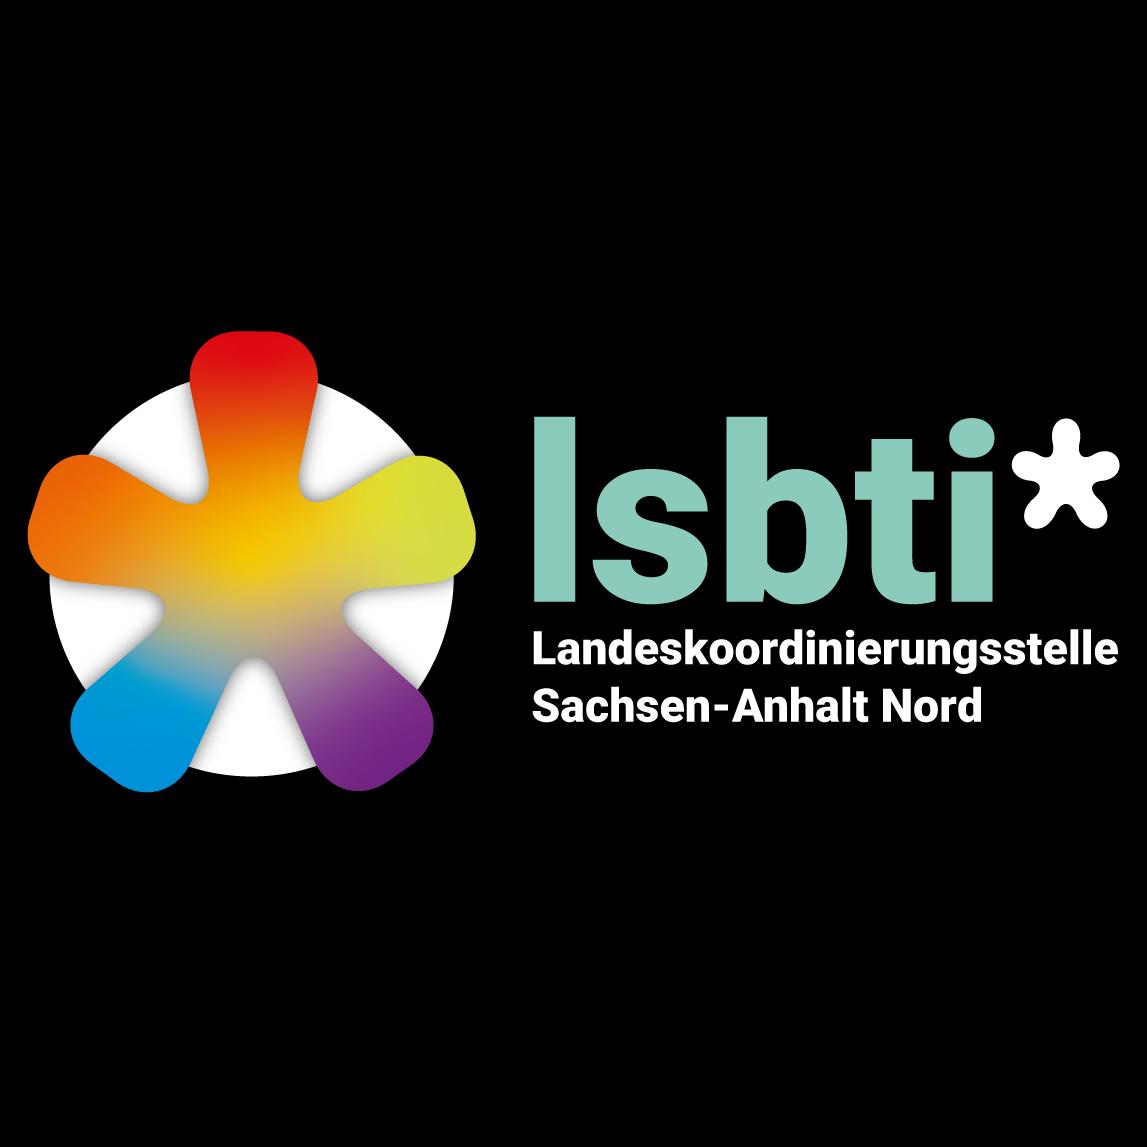 Entstehung der LSBTI*-Landeskoordinierungsstellen